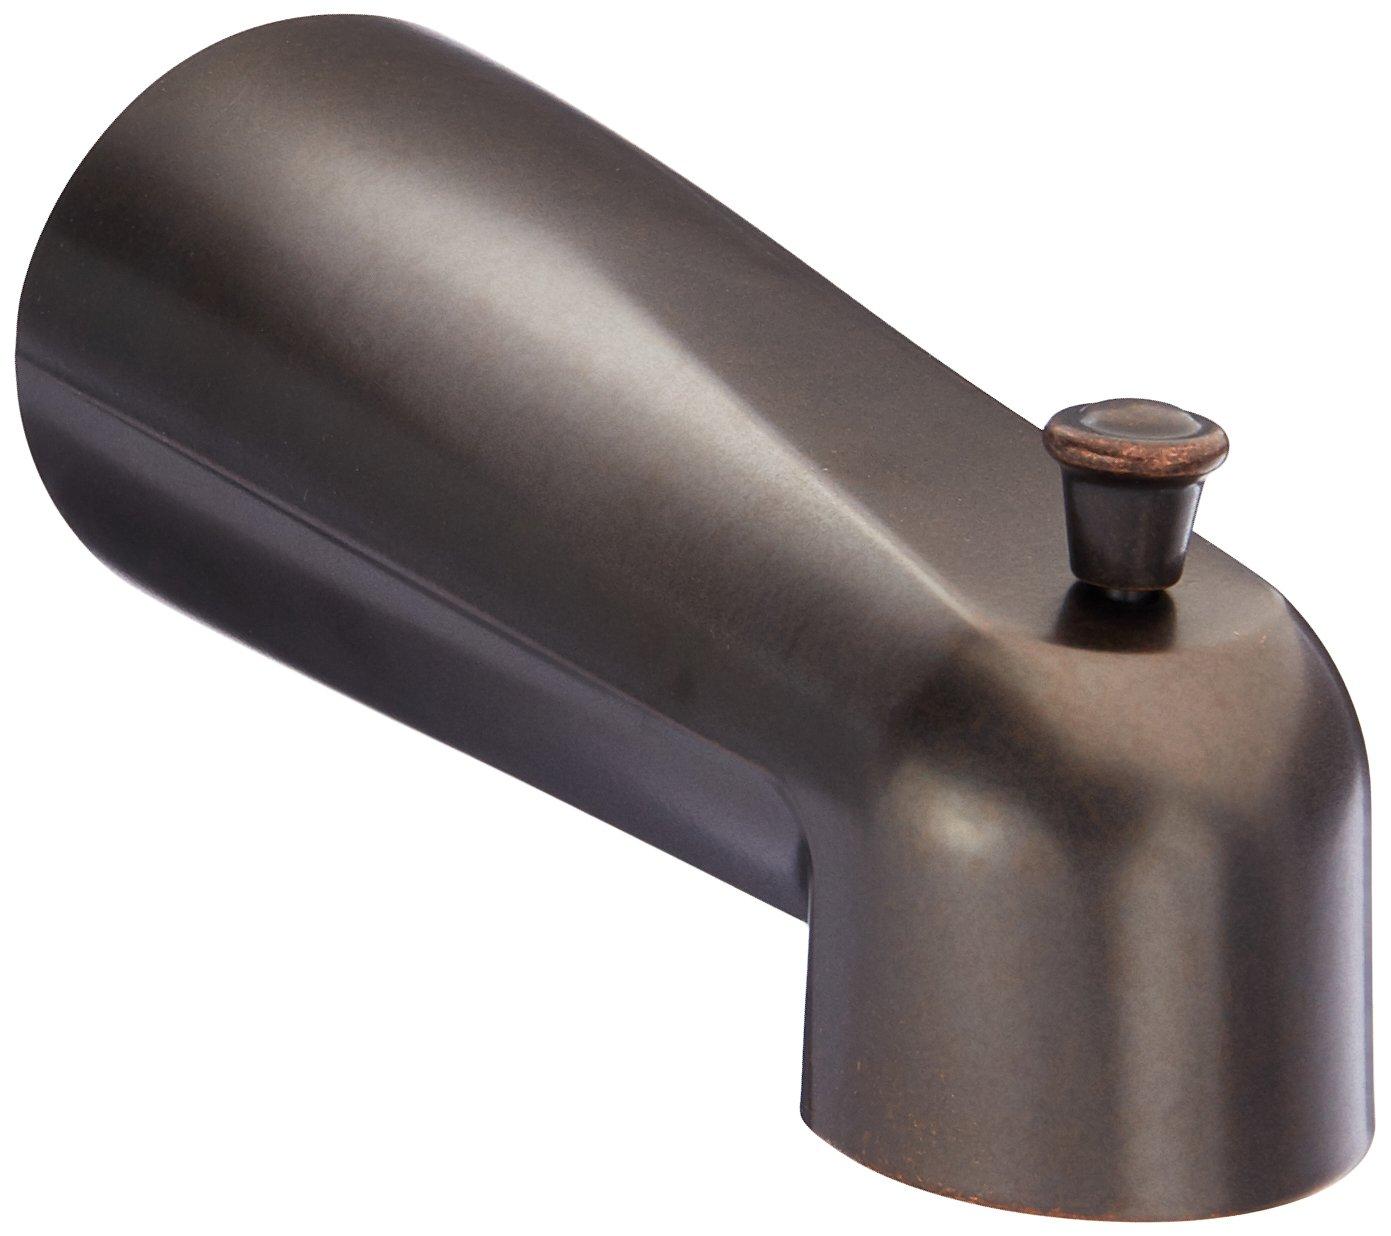 Moen 3853BN Tub Diverter Spout, Brushed Nickel - Tub Filler Faucets ...